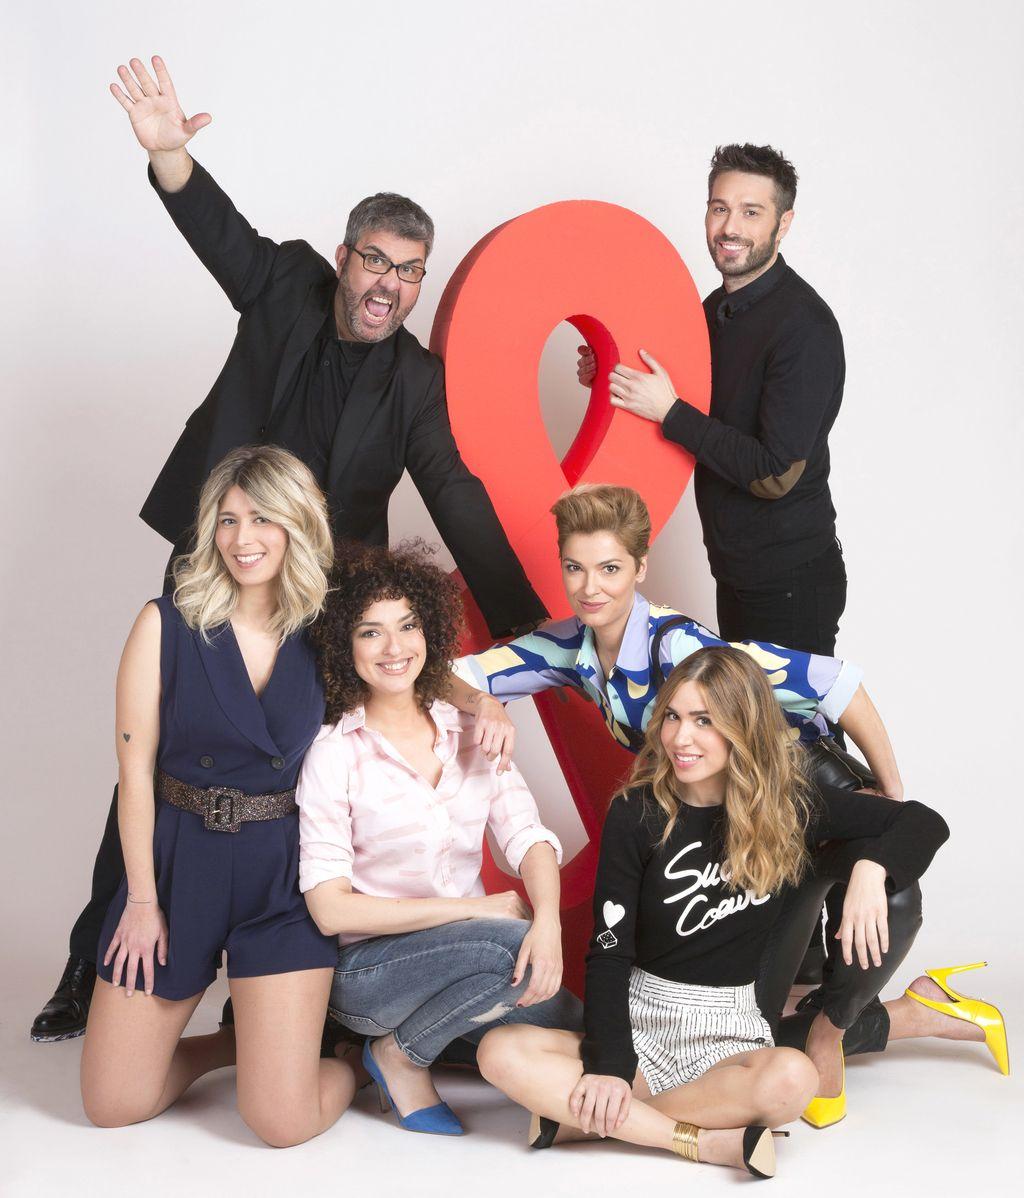 'Dani&Flo' vuelven a Cuatro con Cristina Boscá, Cristina Urgel, María Gómez y Virginia Riezu